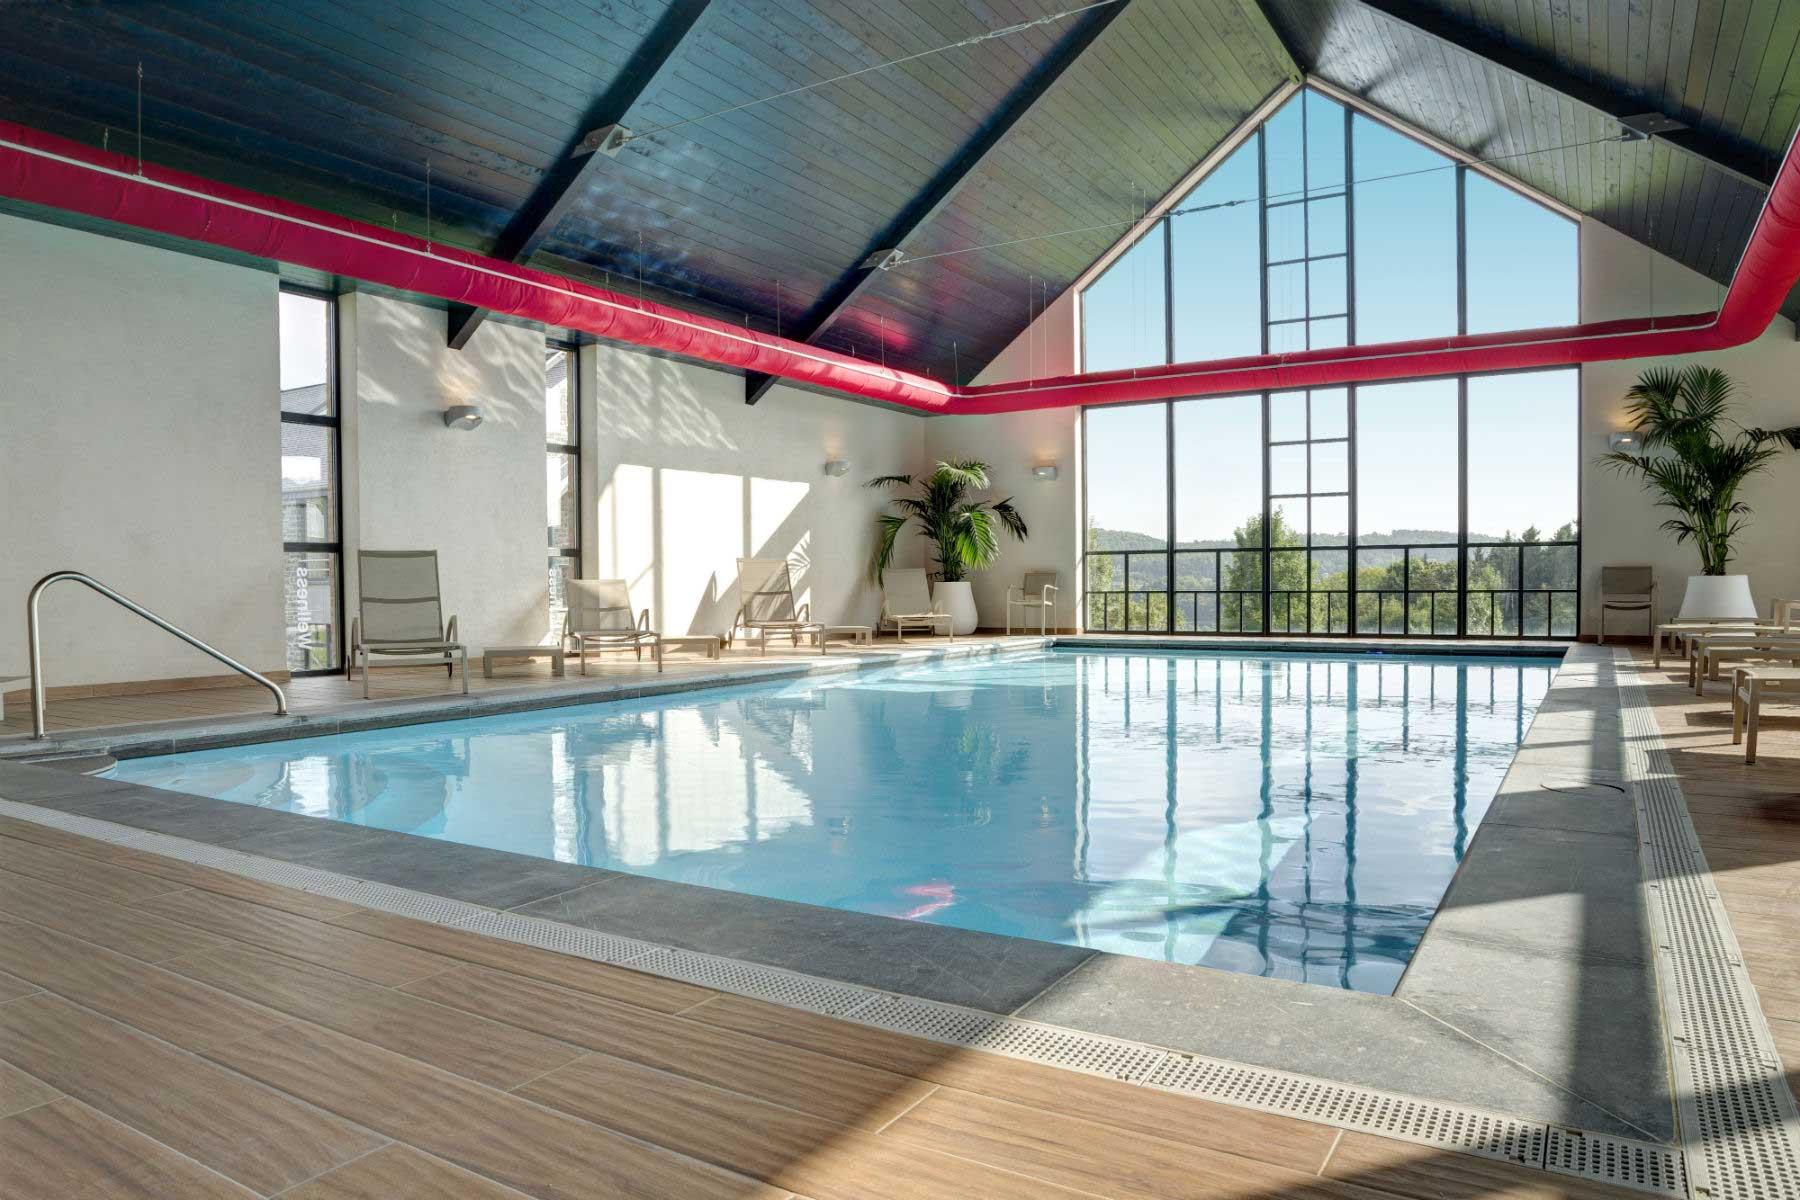 Azur en Ardenne binnen zwembad